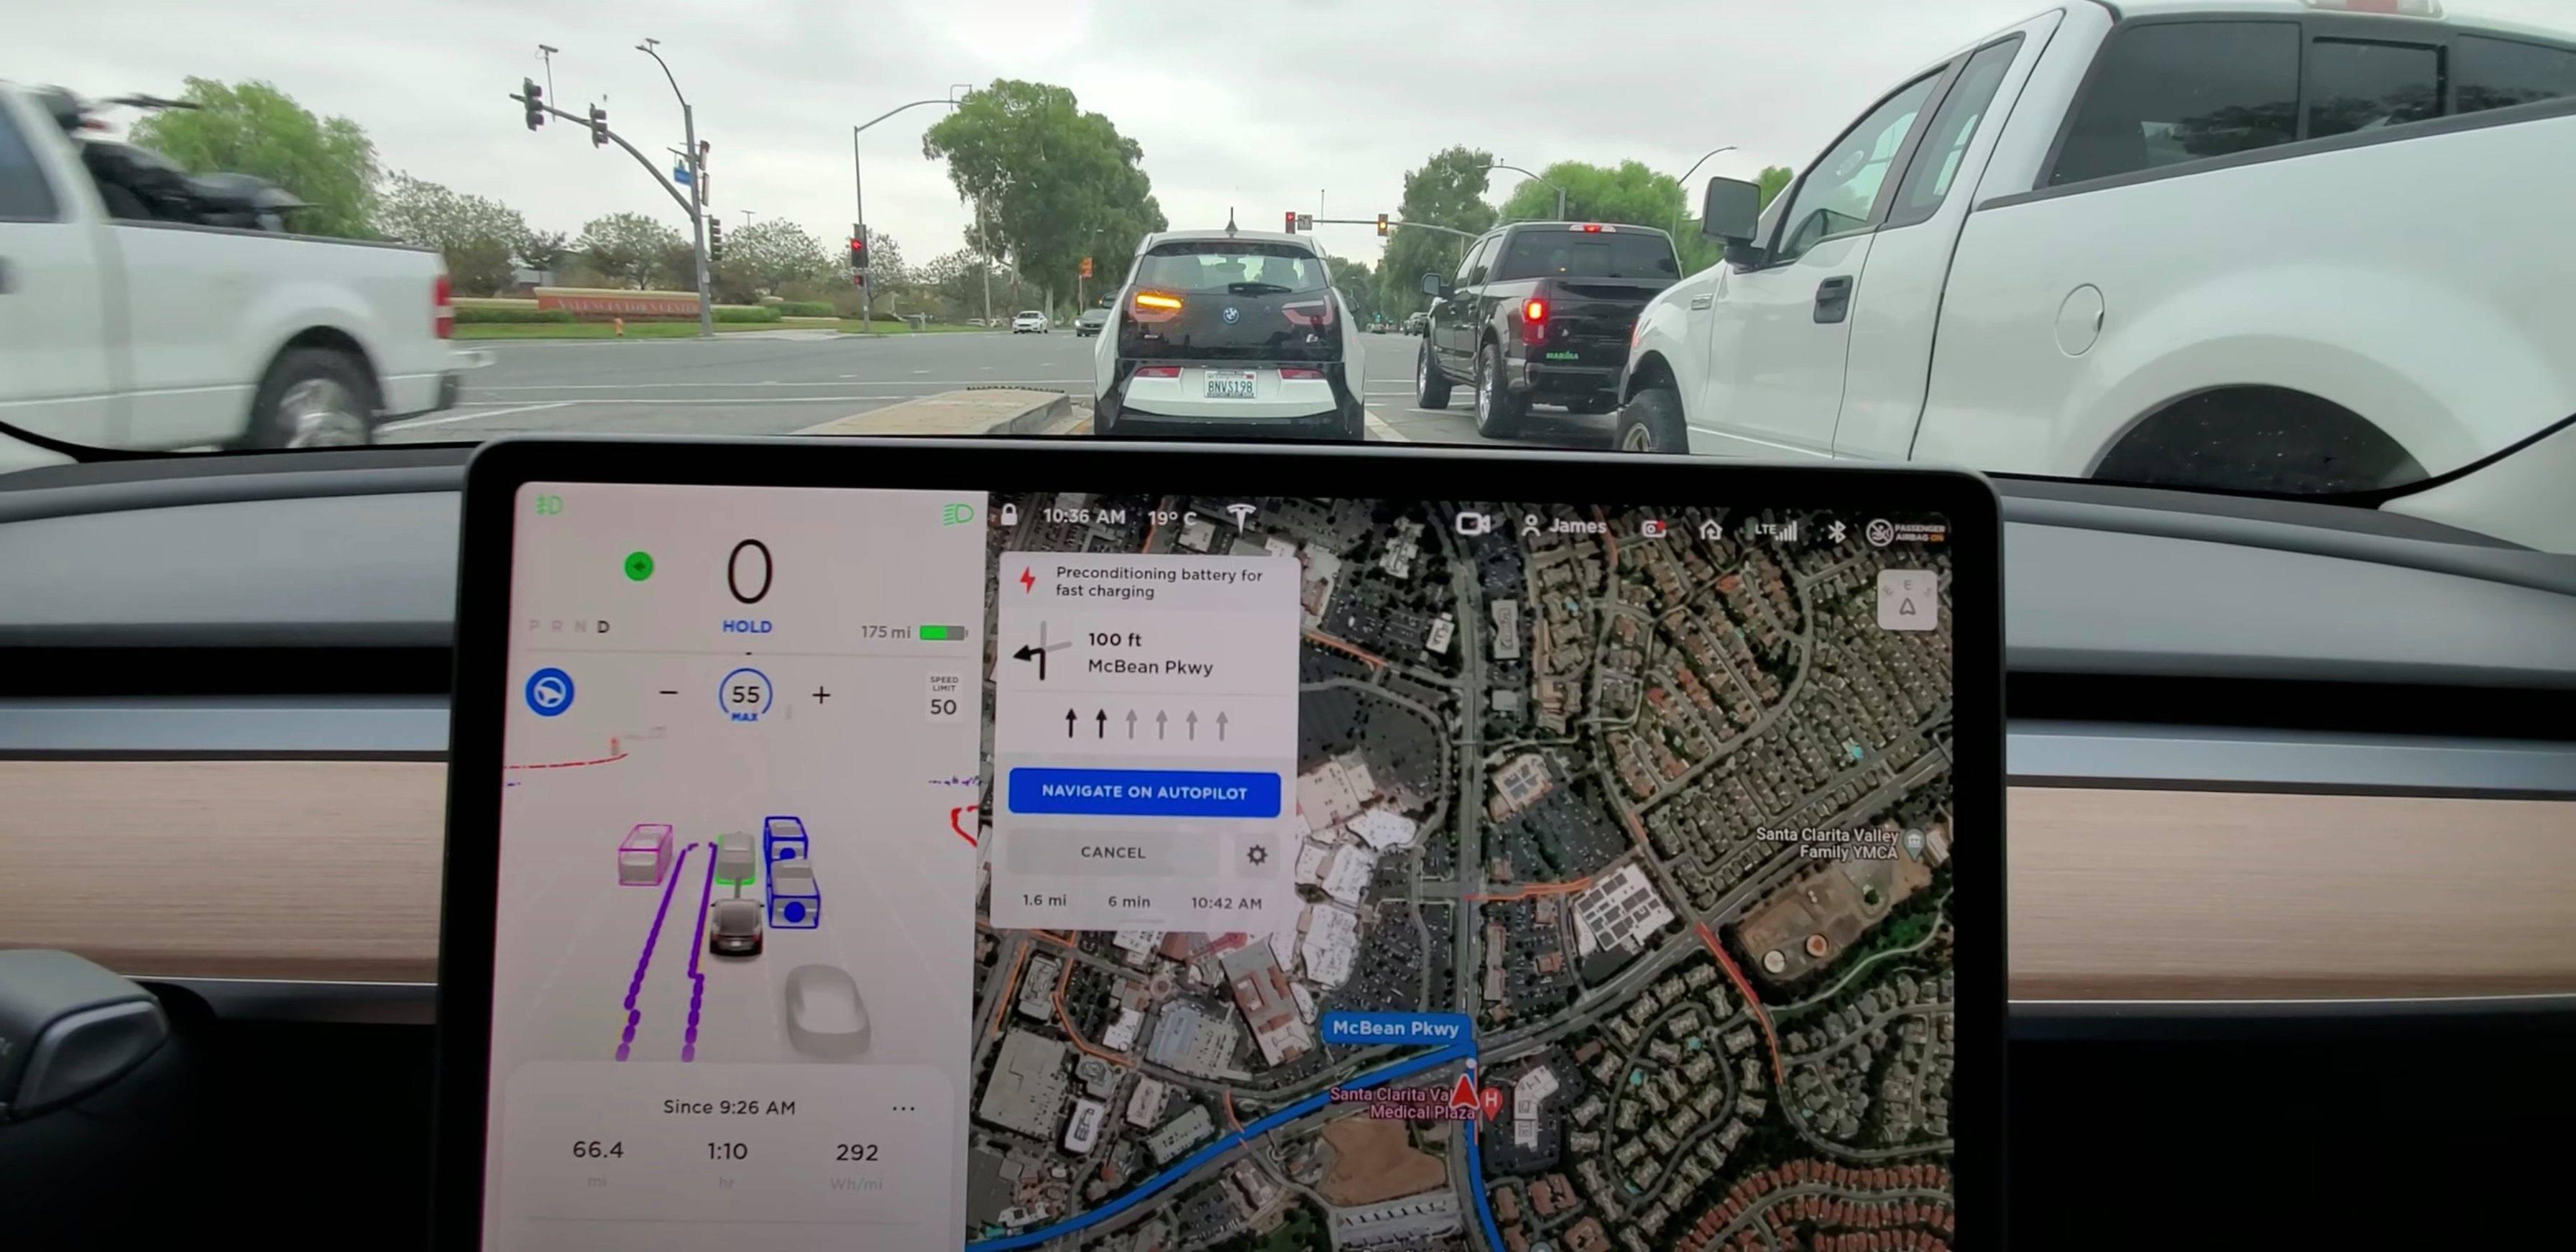 特斯拉的自动驾驶FSD Beta继续进化,车主记录了从旧金山到洛杉矶的旅程,一路畅通无阻